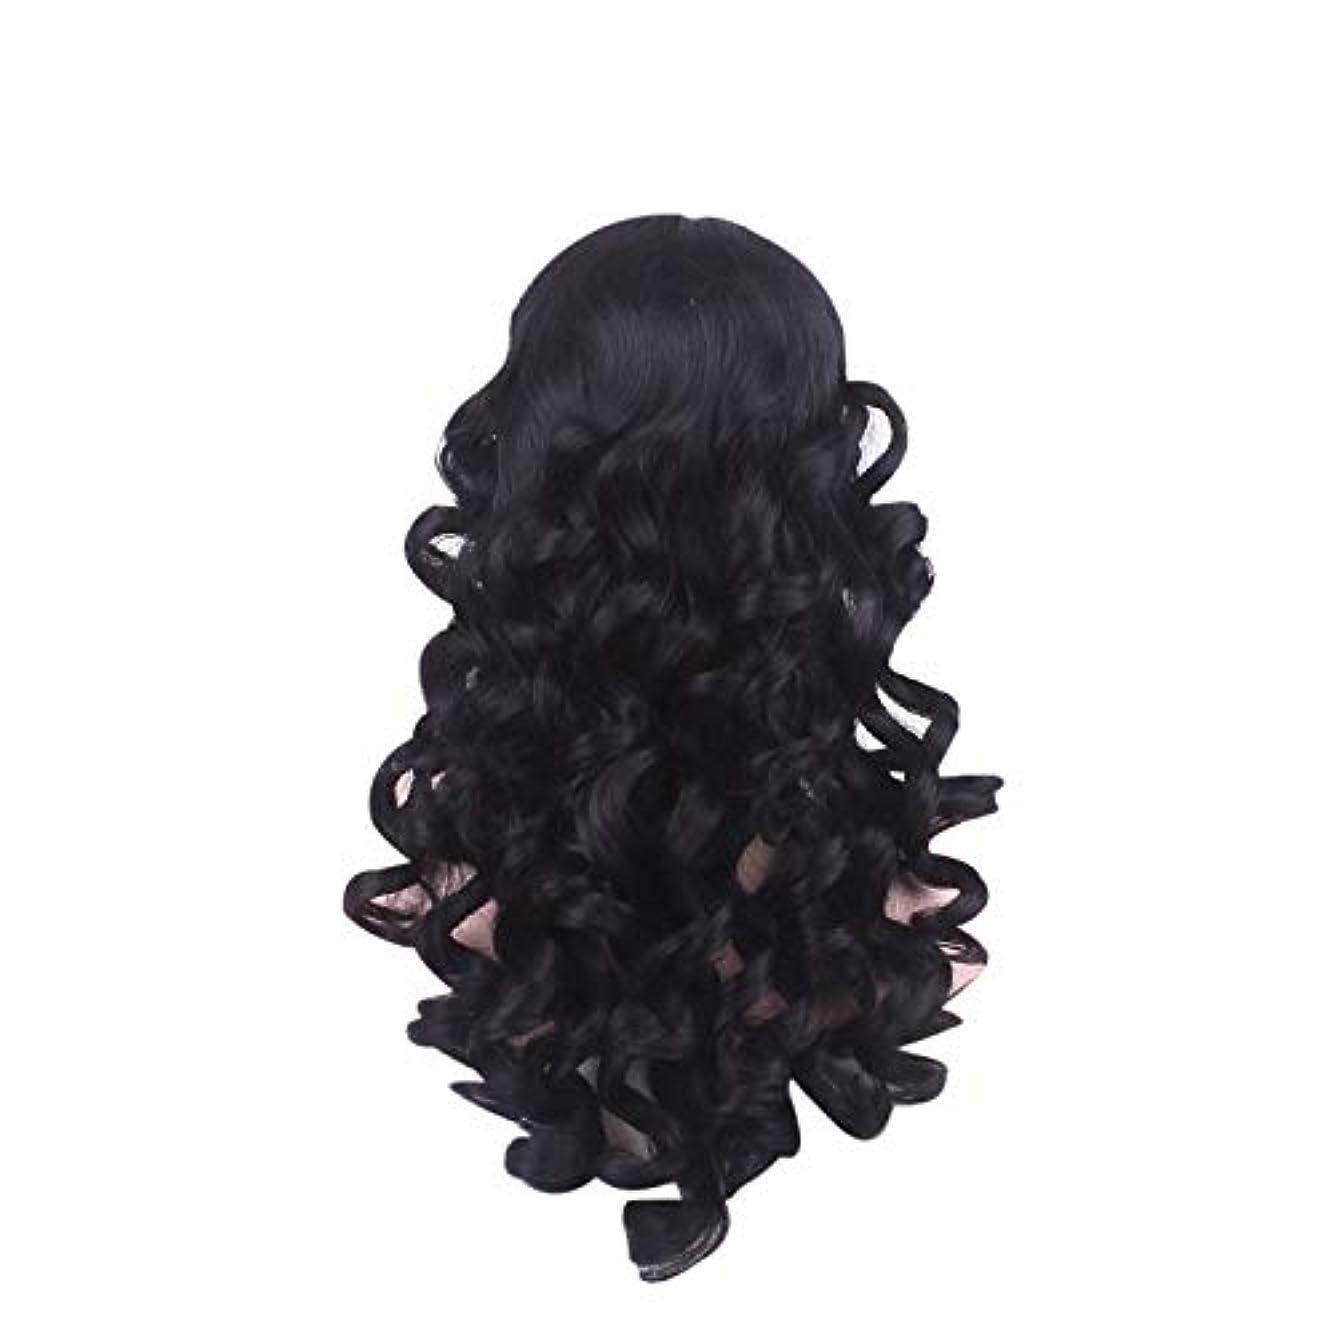 悔い改めストロークありがたい女性の長い巻き毛のファッションかつらローズネット65 cm